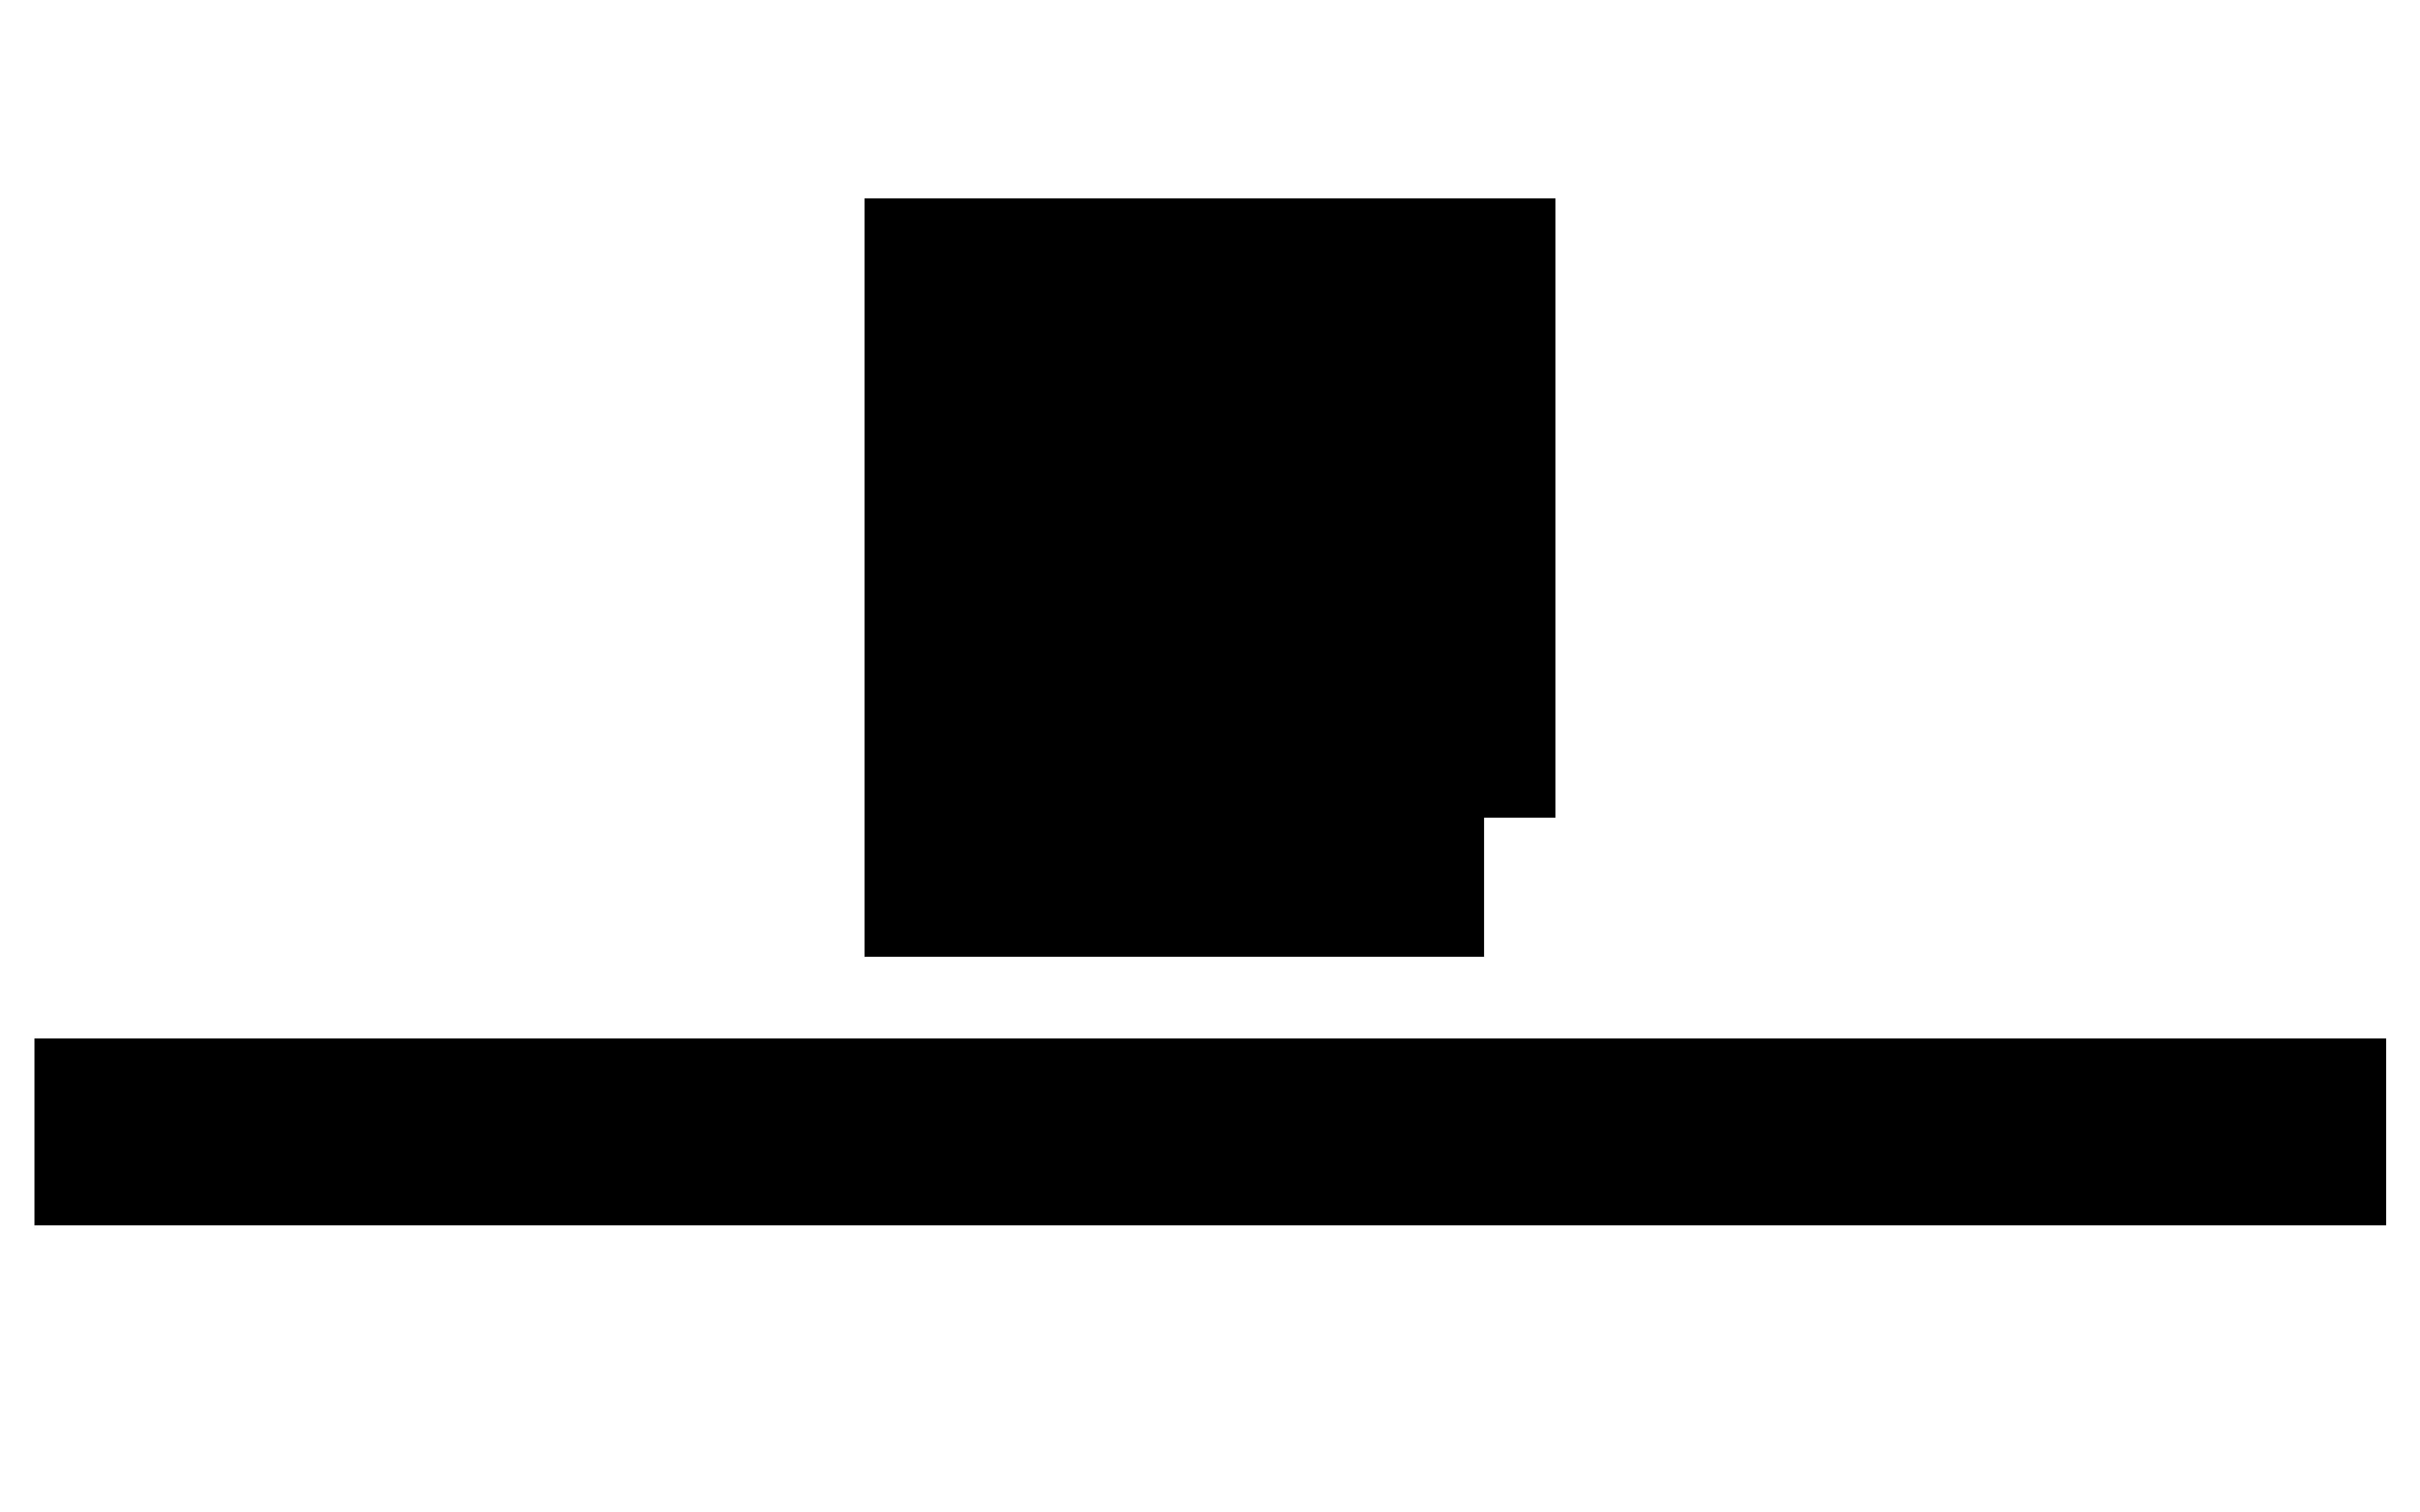 SG_logo_cerne_pruhledne